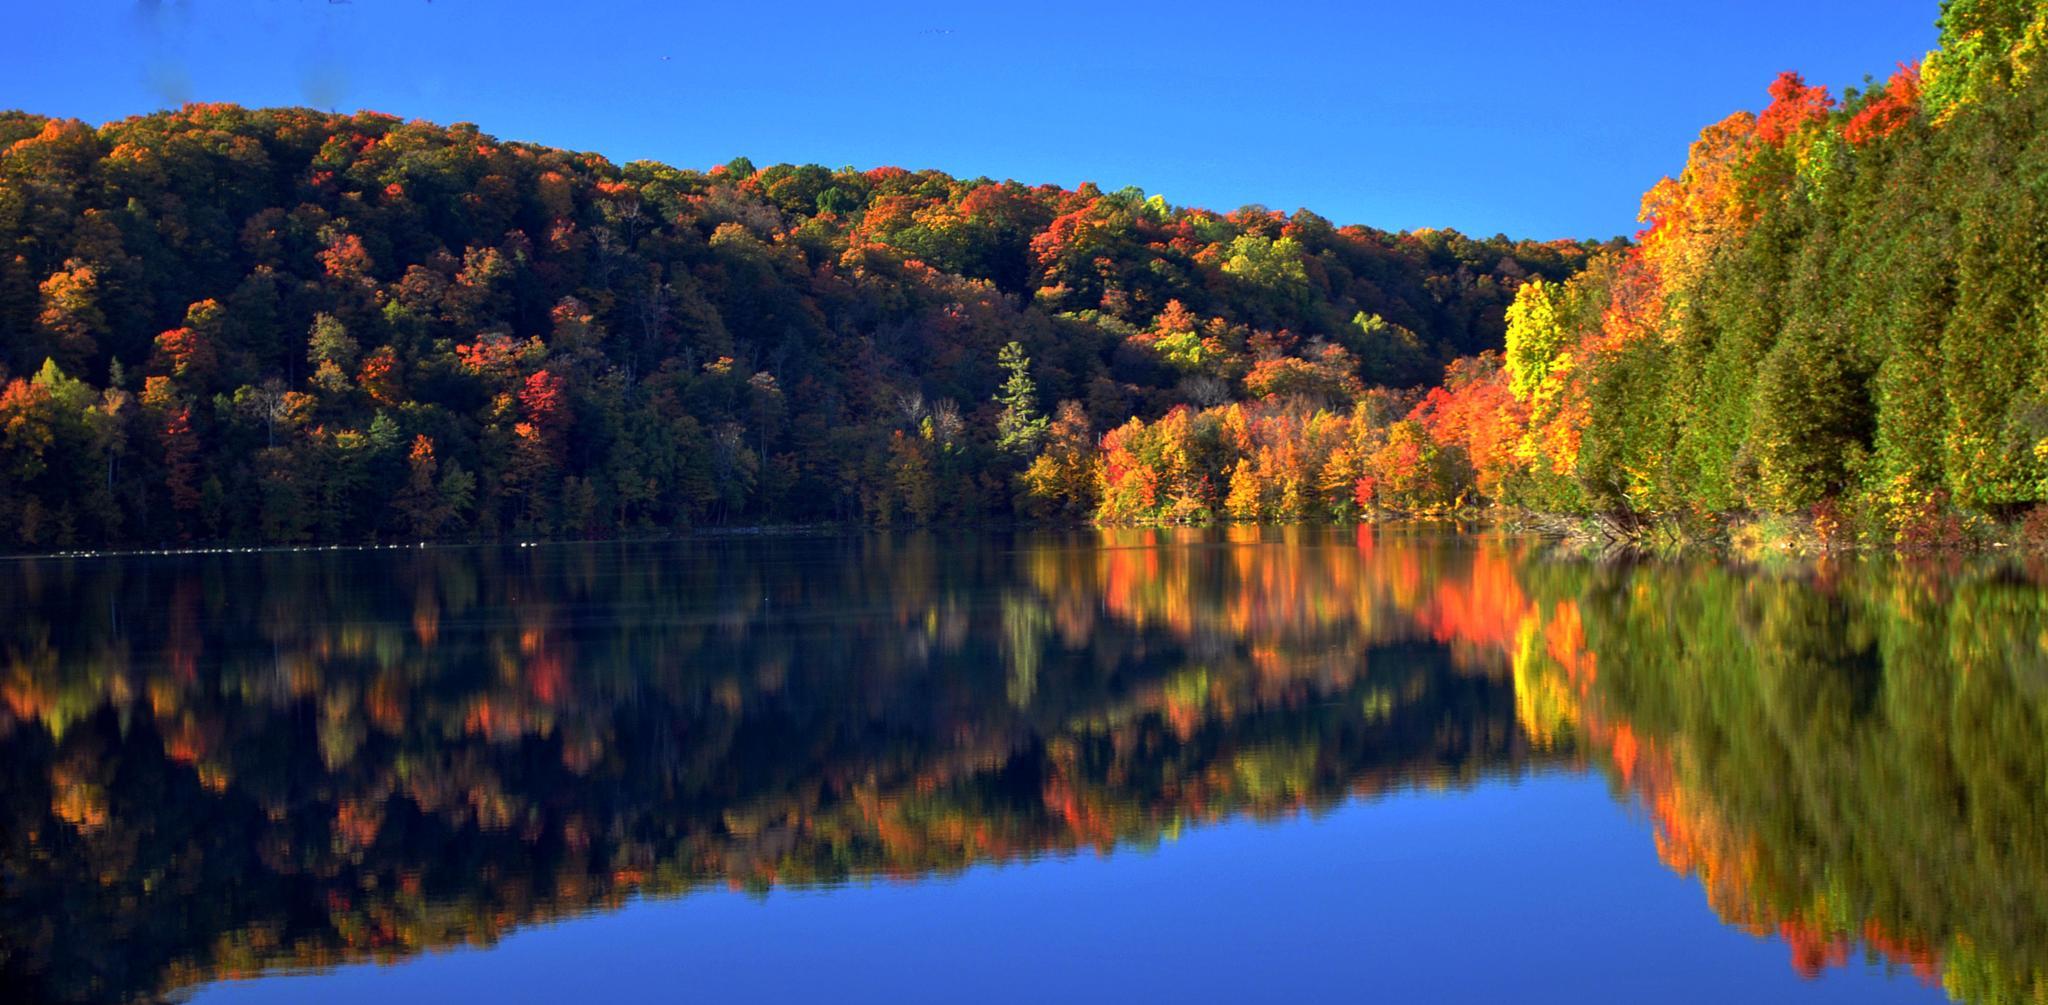 Autumn View by Cheryl Rendino